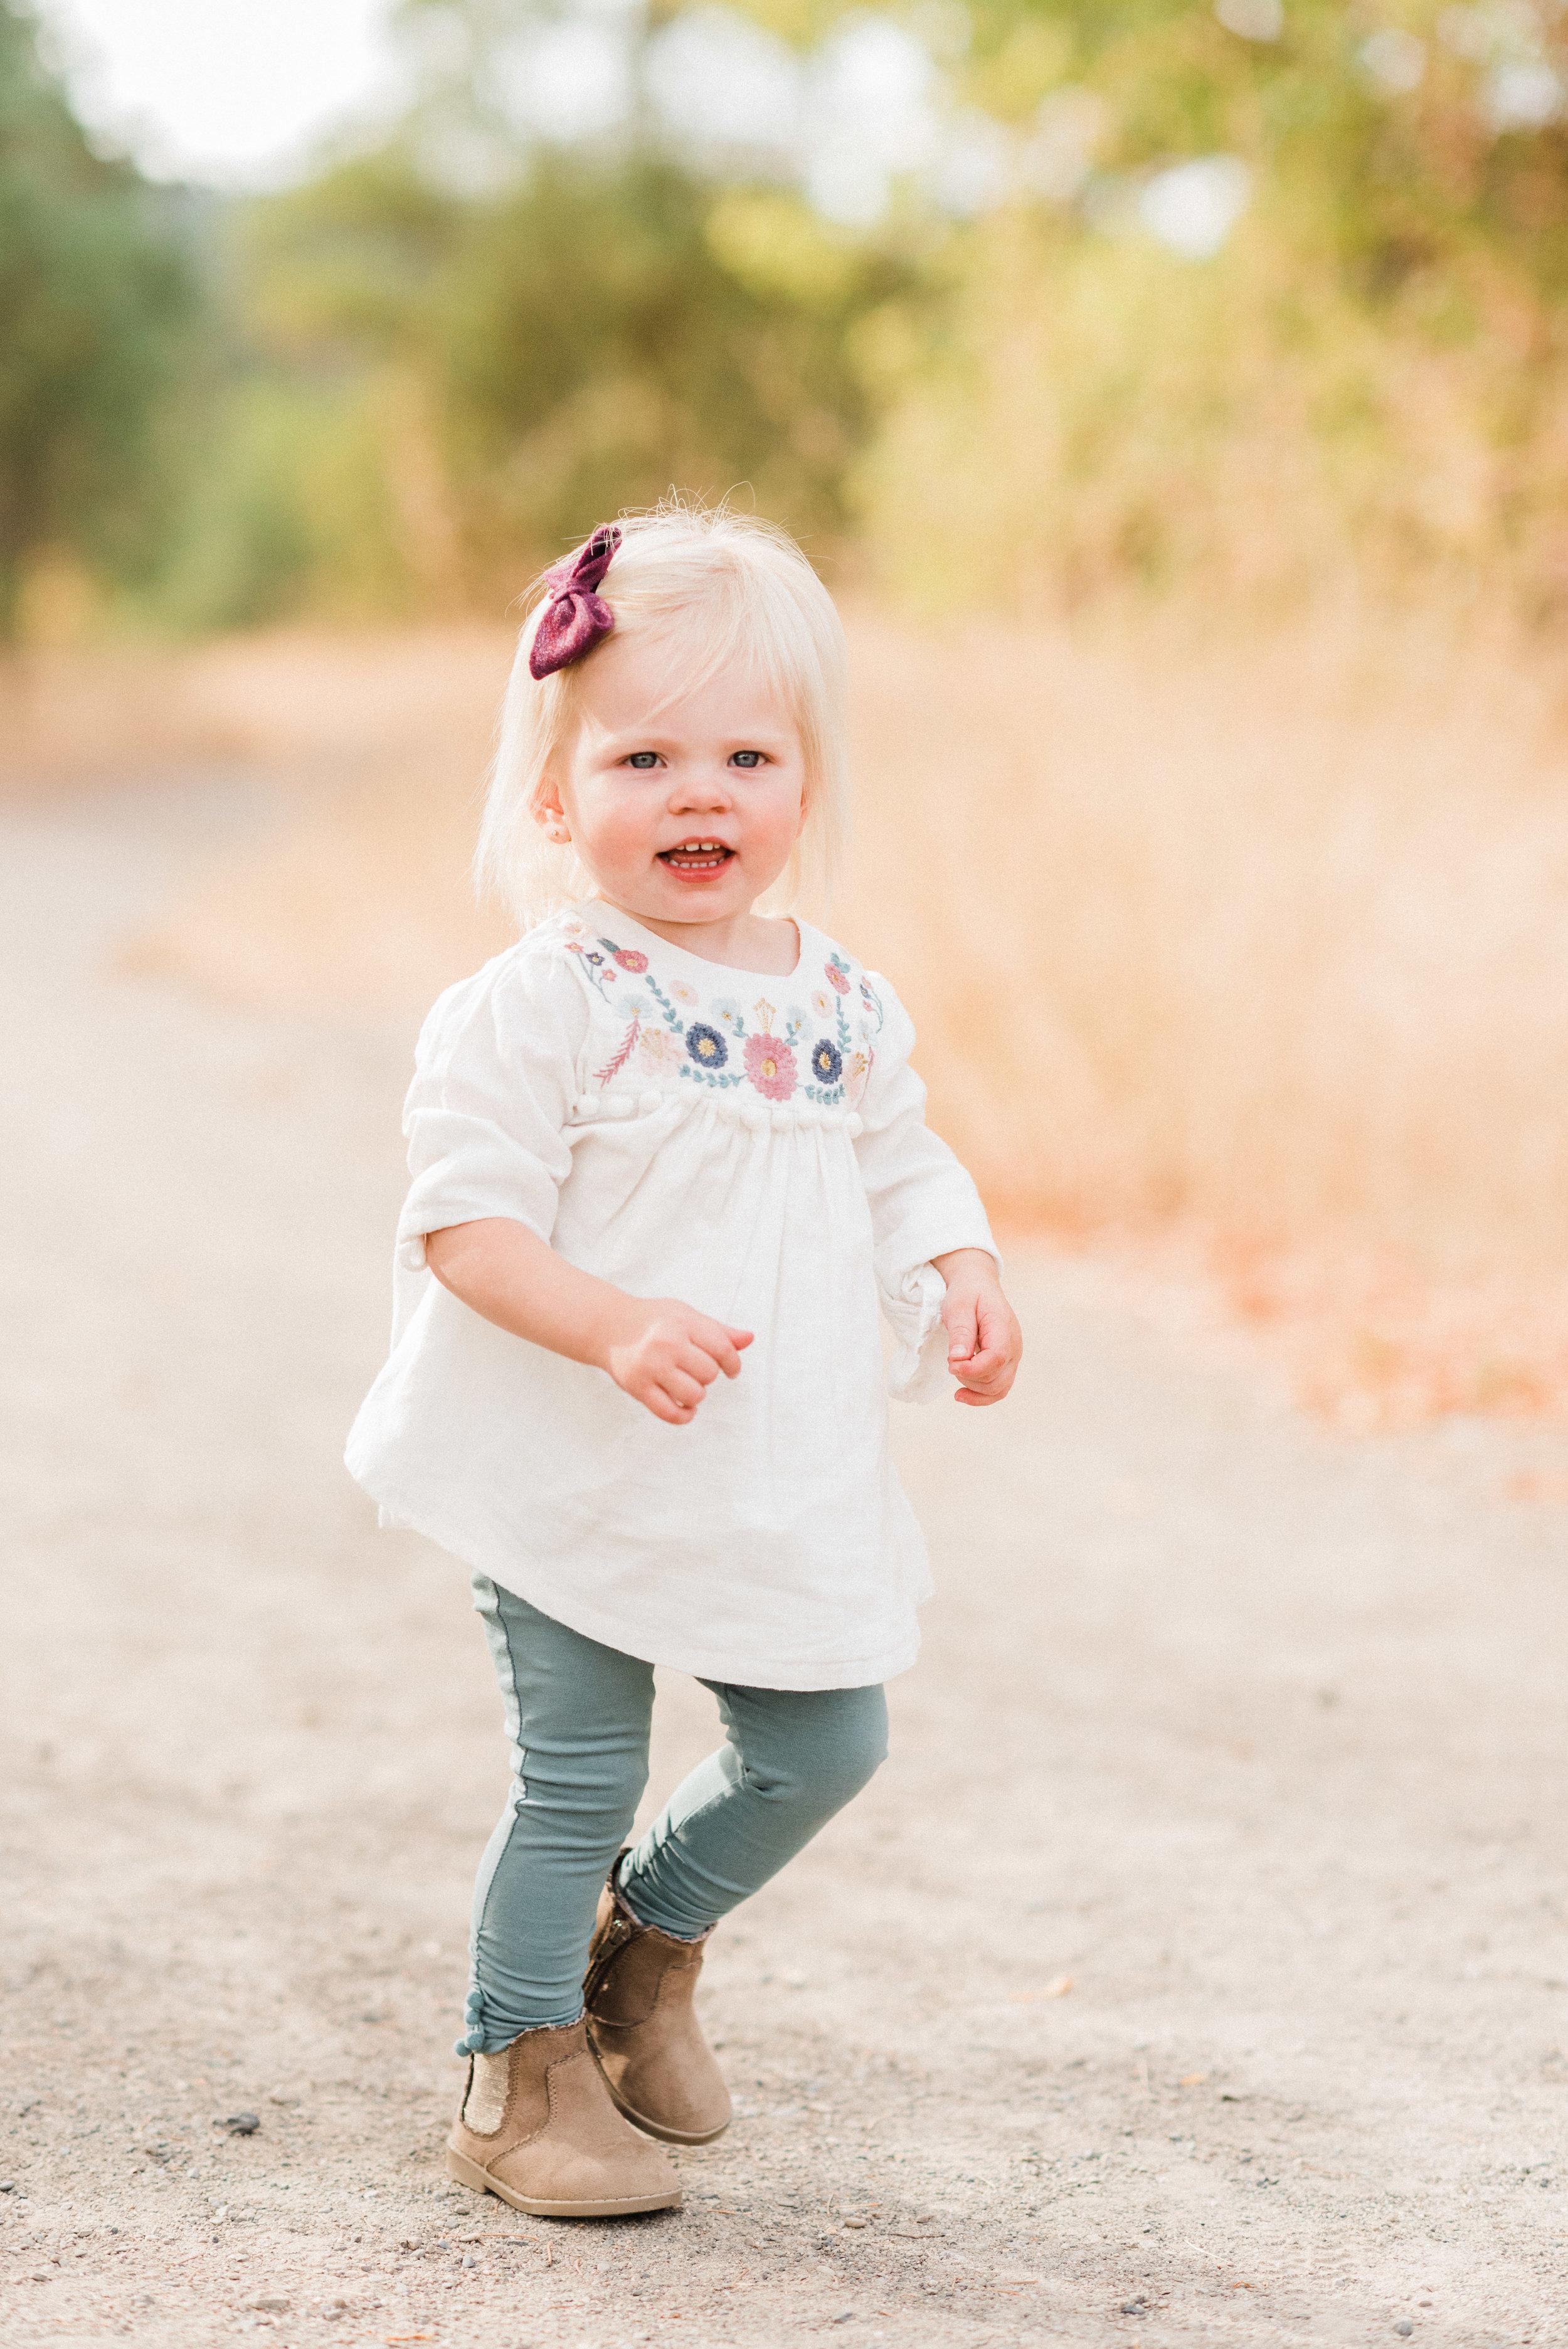 spokane_fall_family_maternity_session (9 of 16).jpg